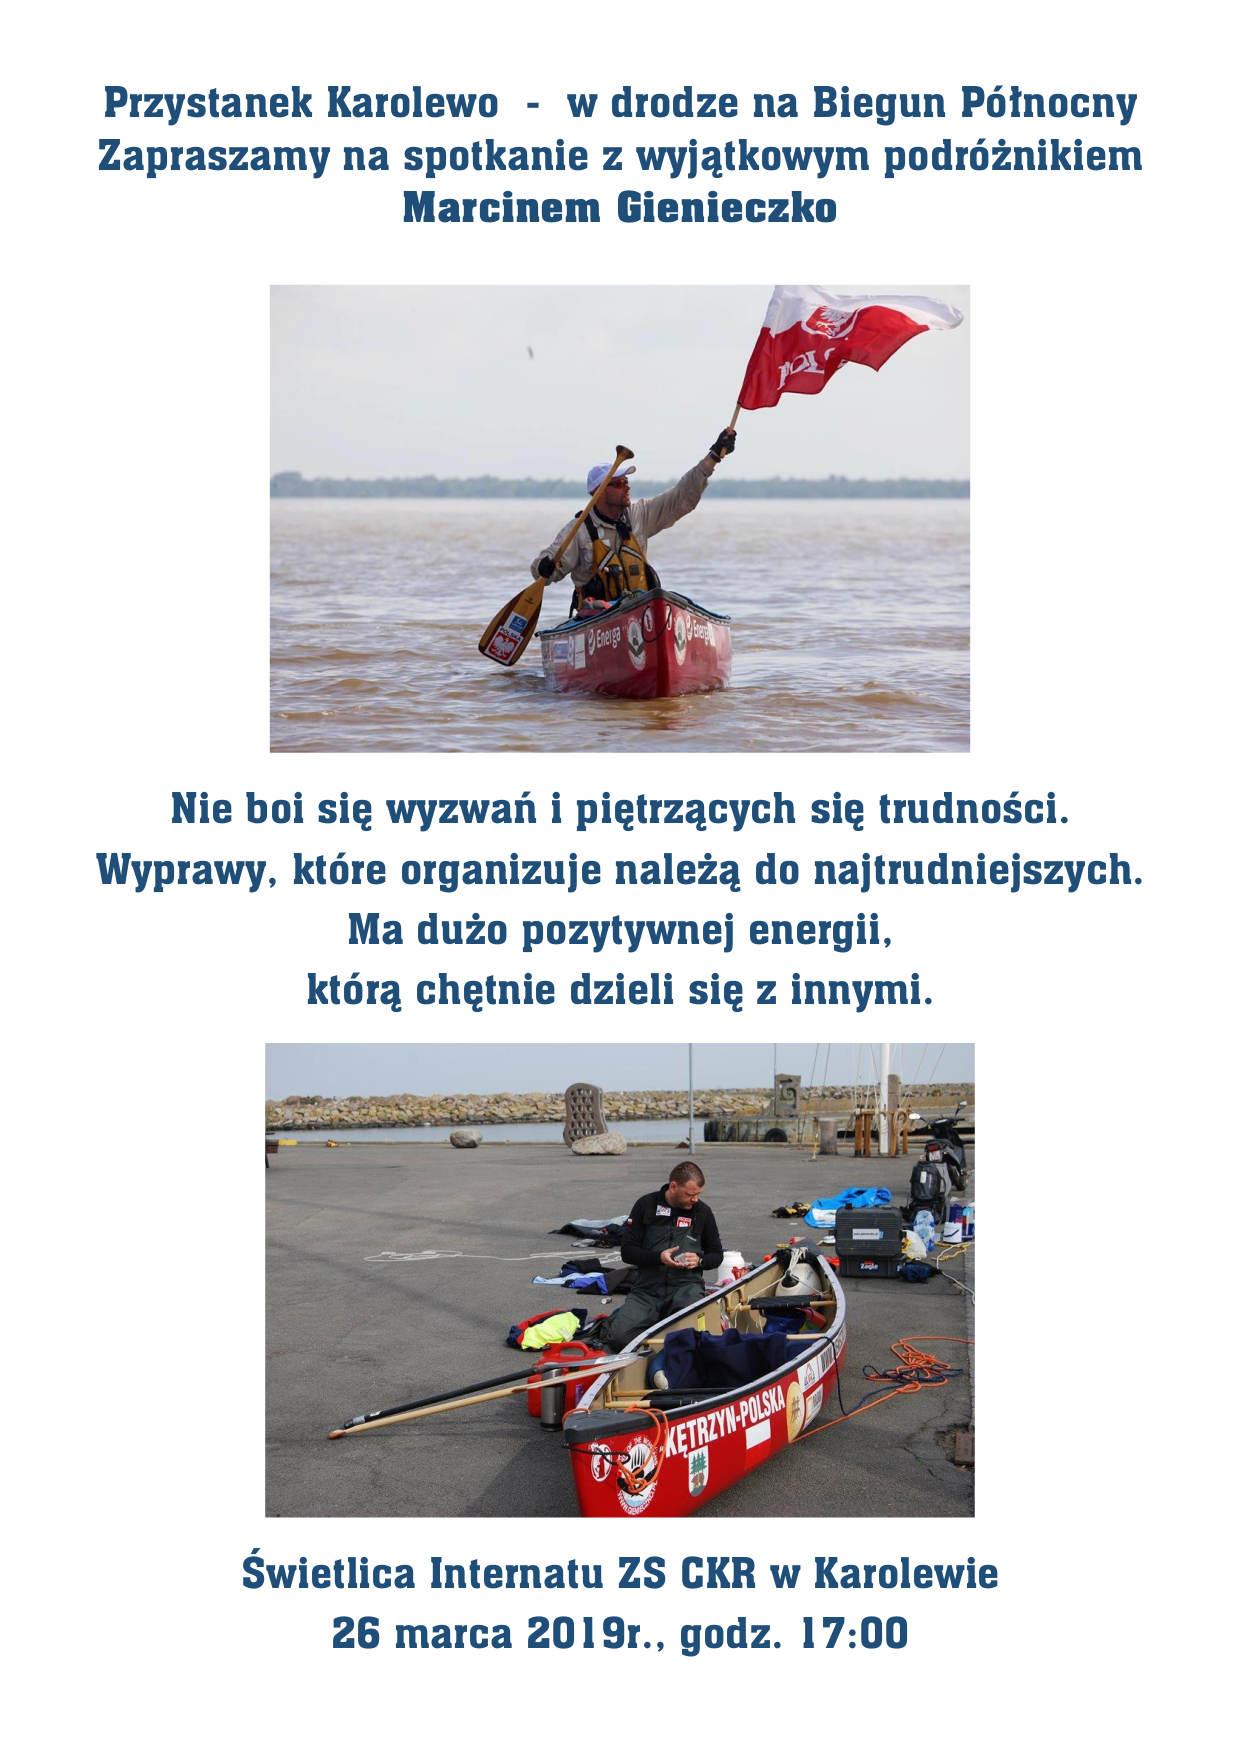 Ogłosznie-M.-Gienieczko-2019.jpg